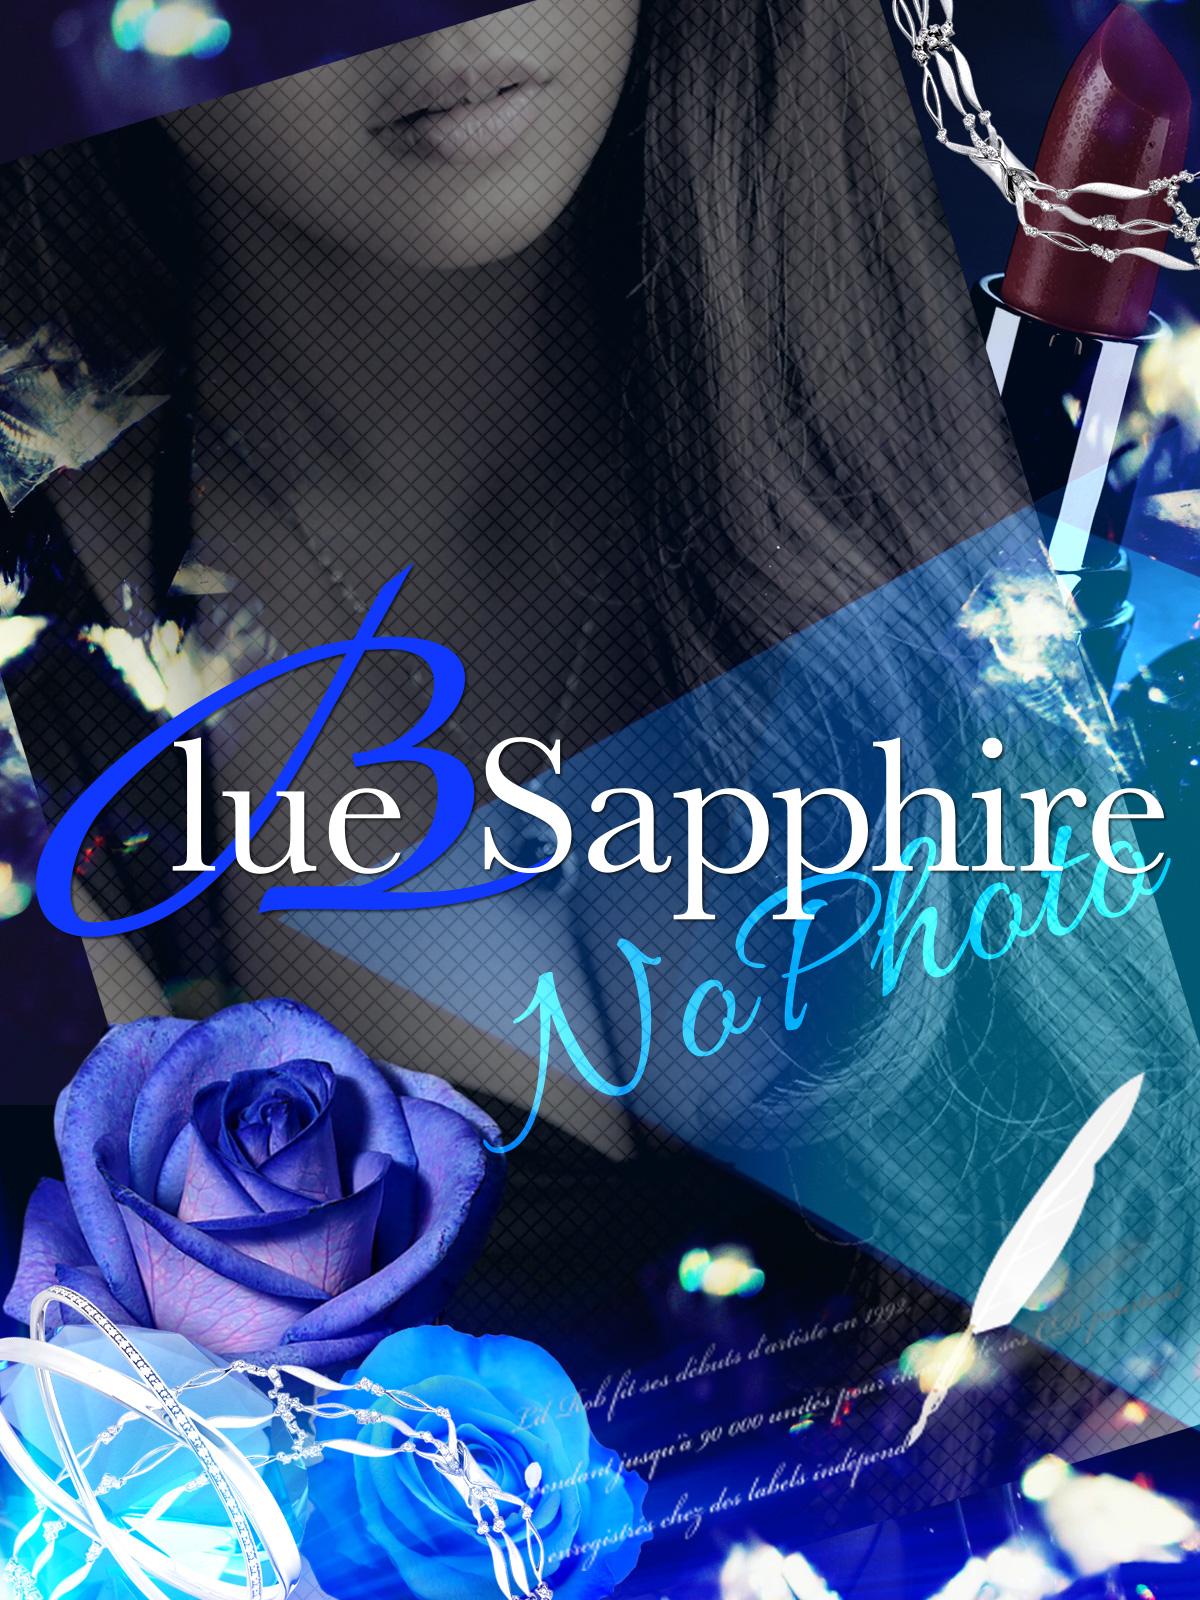 広島デリヘル風俗 BlueSapphire(ブルーサファイア):プロフィール「New もえ」の画像2